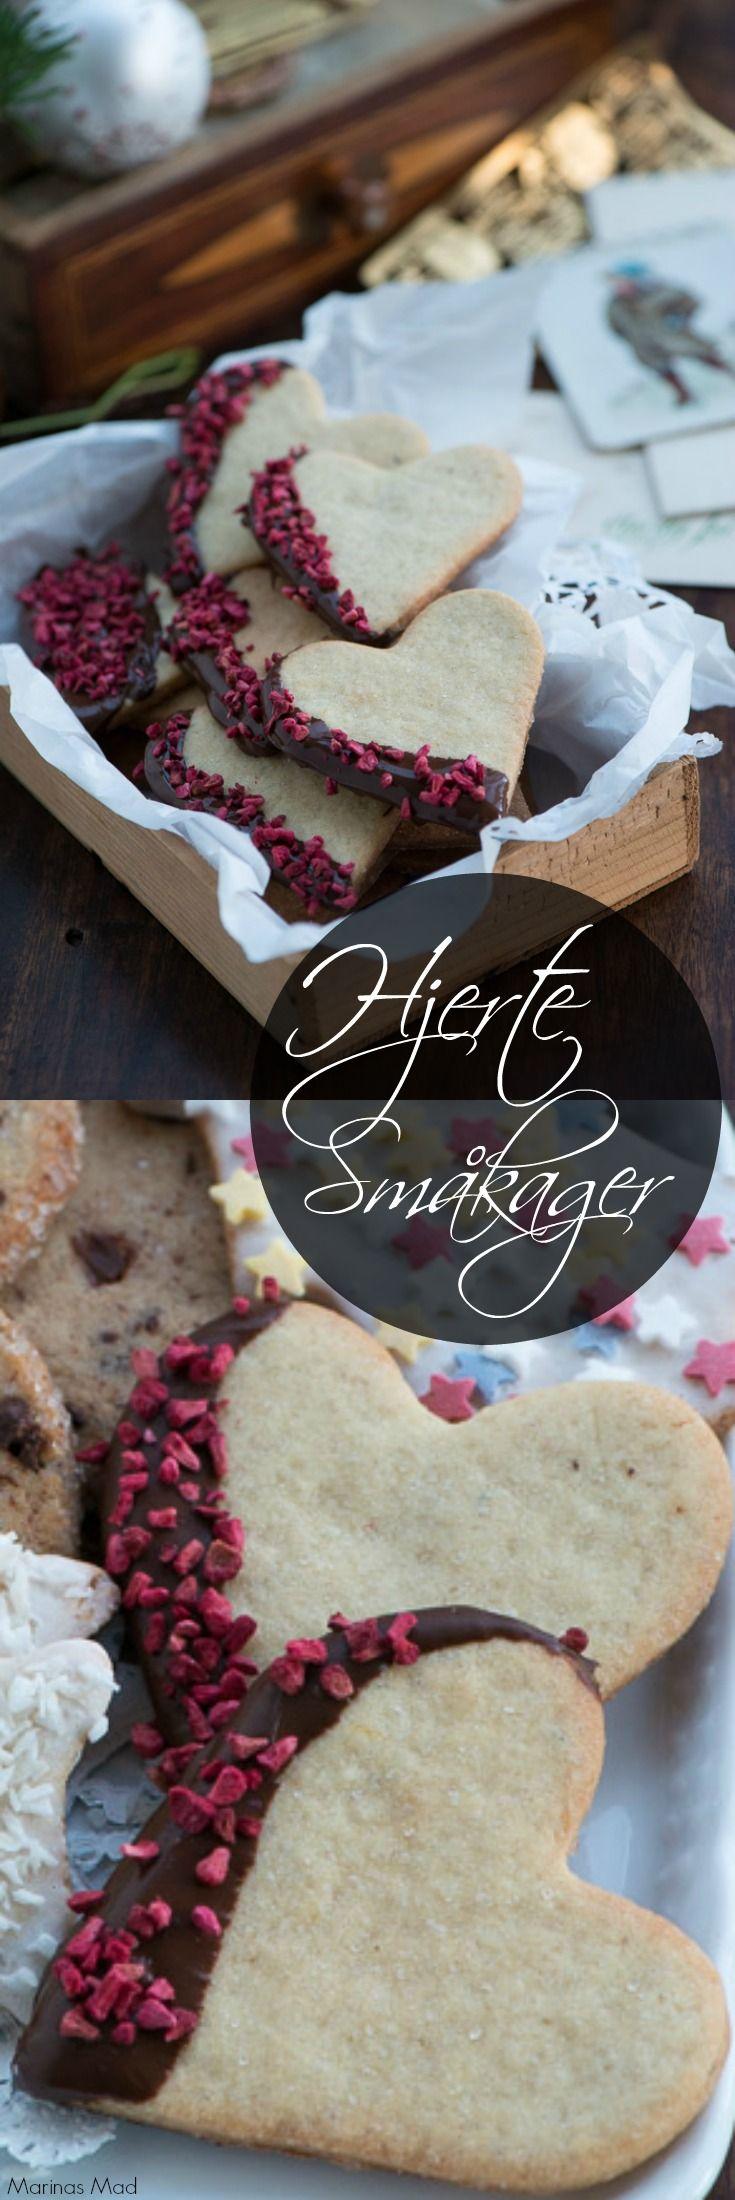 Smukke småkage hjerter. Smager dejligt og er nemme at bage. Opskrift fra Marinas Mad der også foreslår andre småkager af den samme nemme småkagedej.